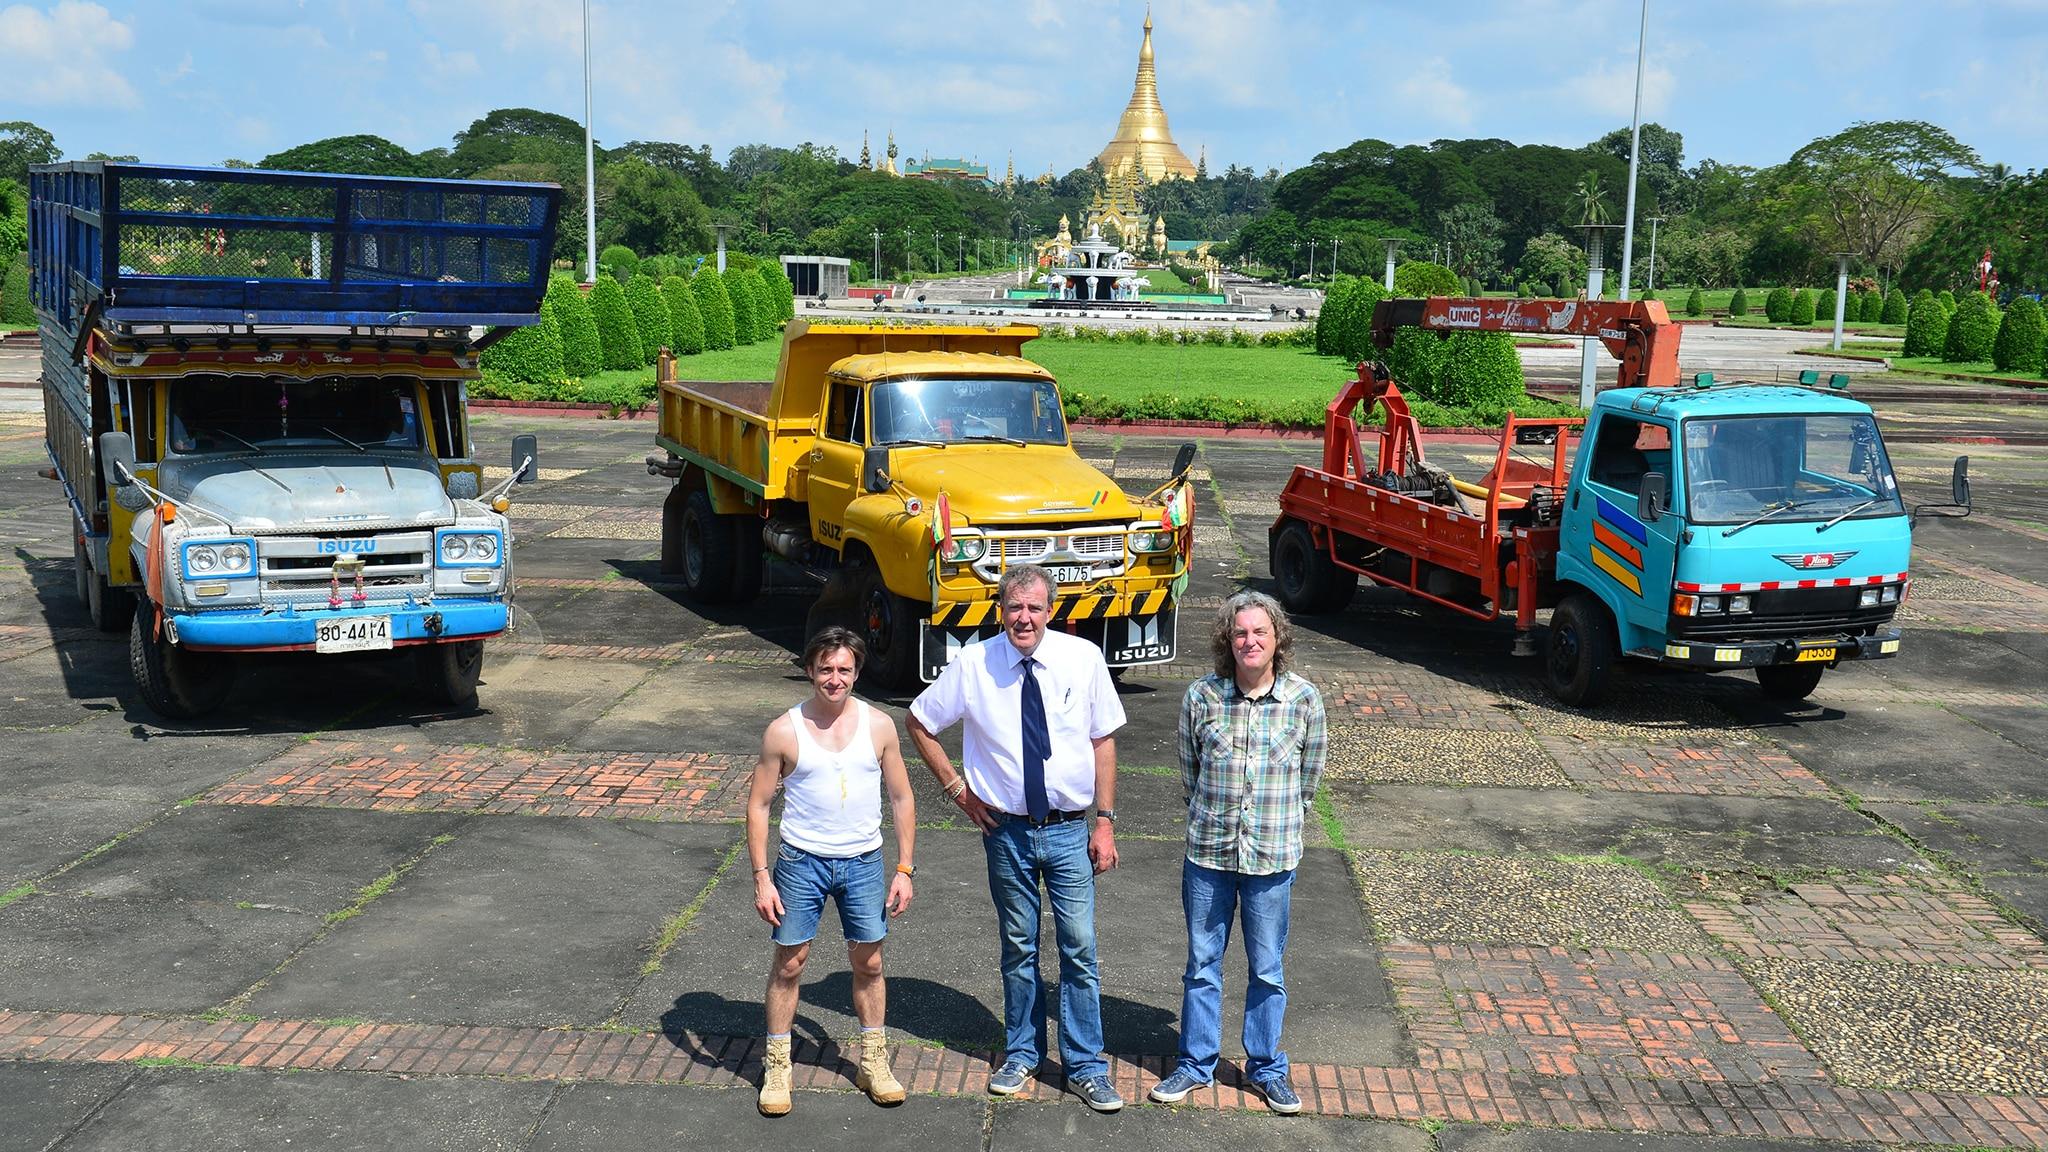 Top Gear: Burma Special